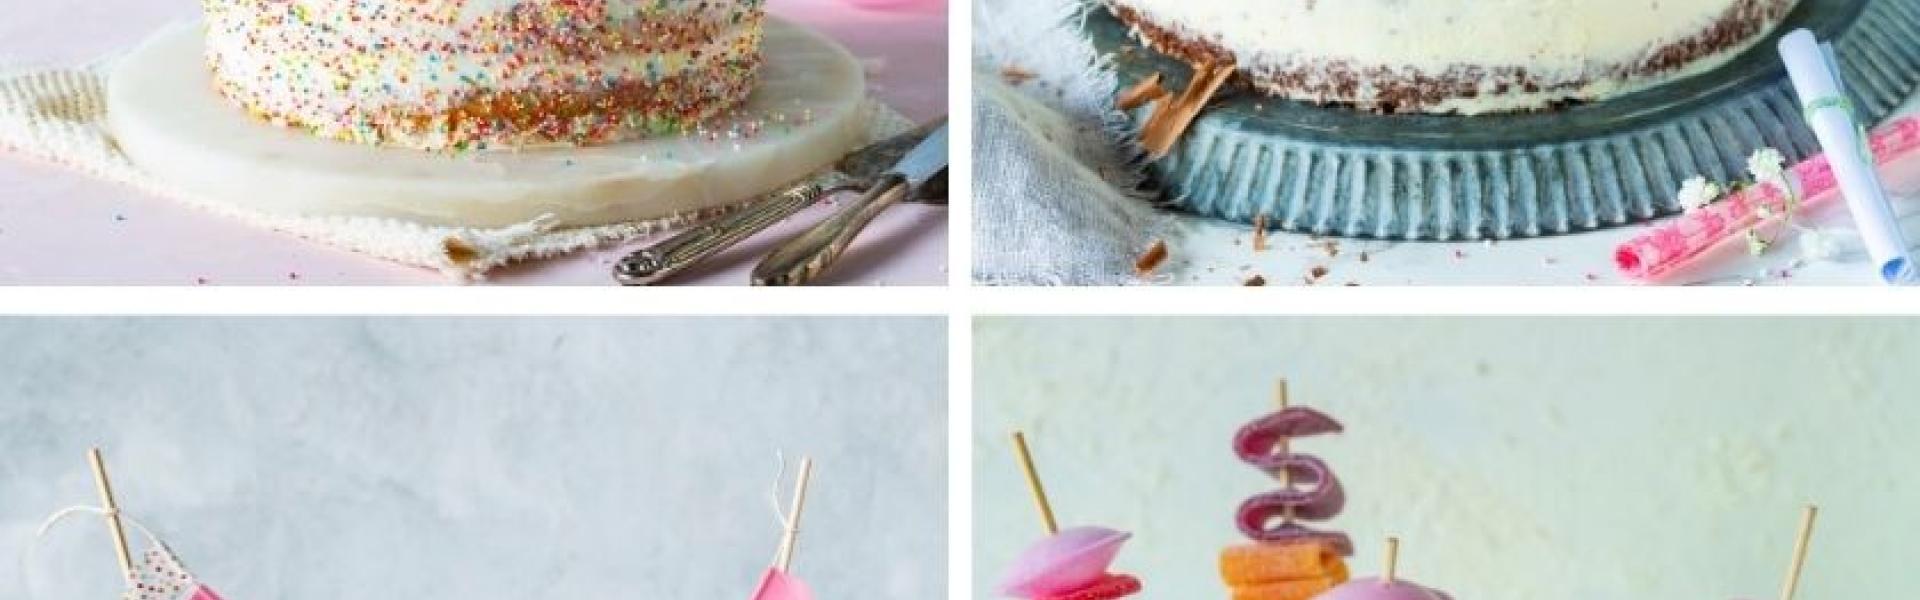 Collage aus vier Deko-Elementen zum Kuchendekorieren.